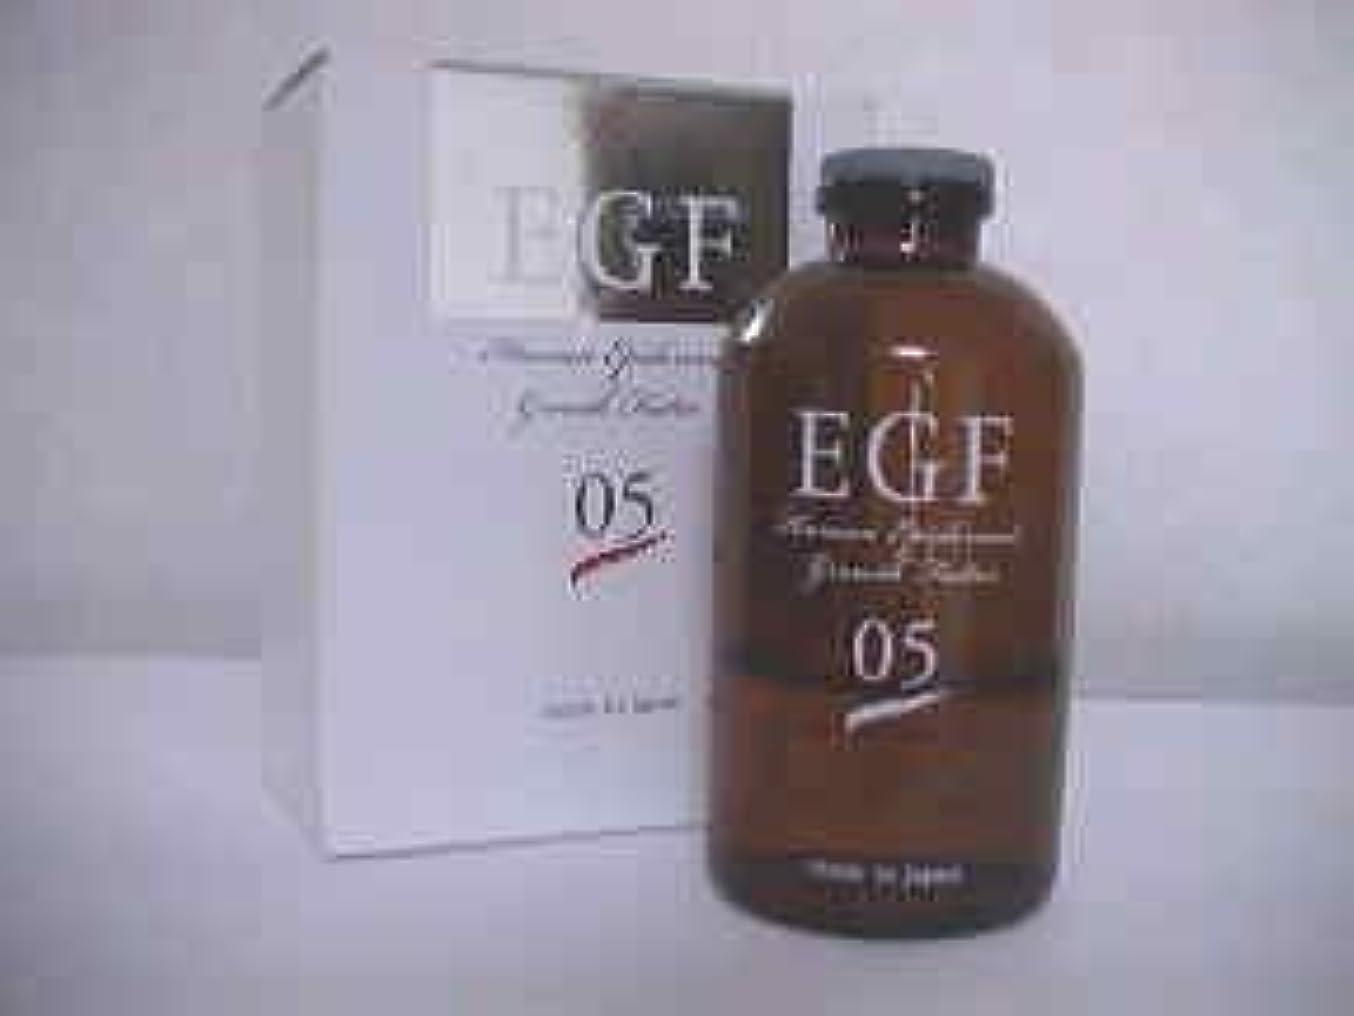 緯度排出ふざけたEGFセロム05 60ml ※話題の整肌成分「EGF」(ヒトオリゴペプチド-1)たっぷり配合!ハリ?うるおいを蘇らせる美容液誕生!